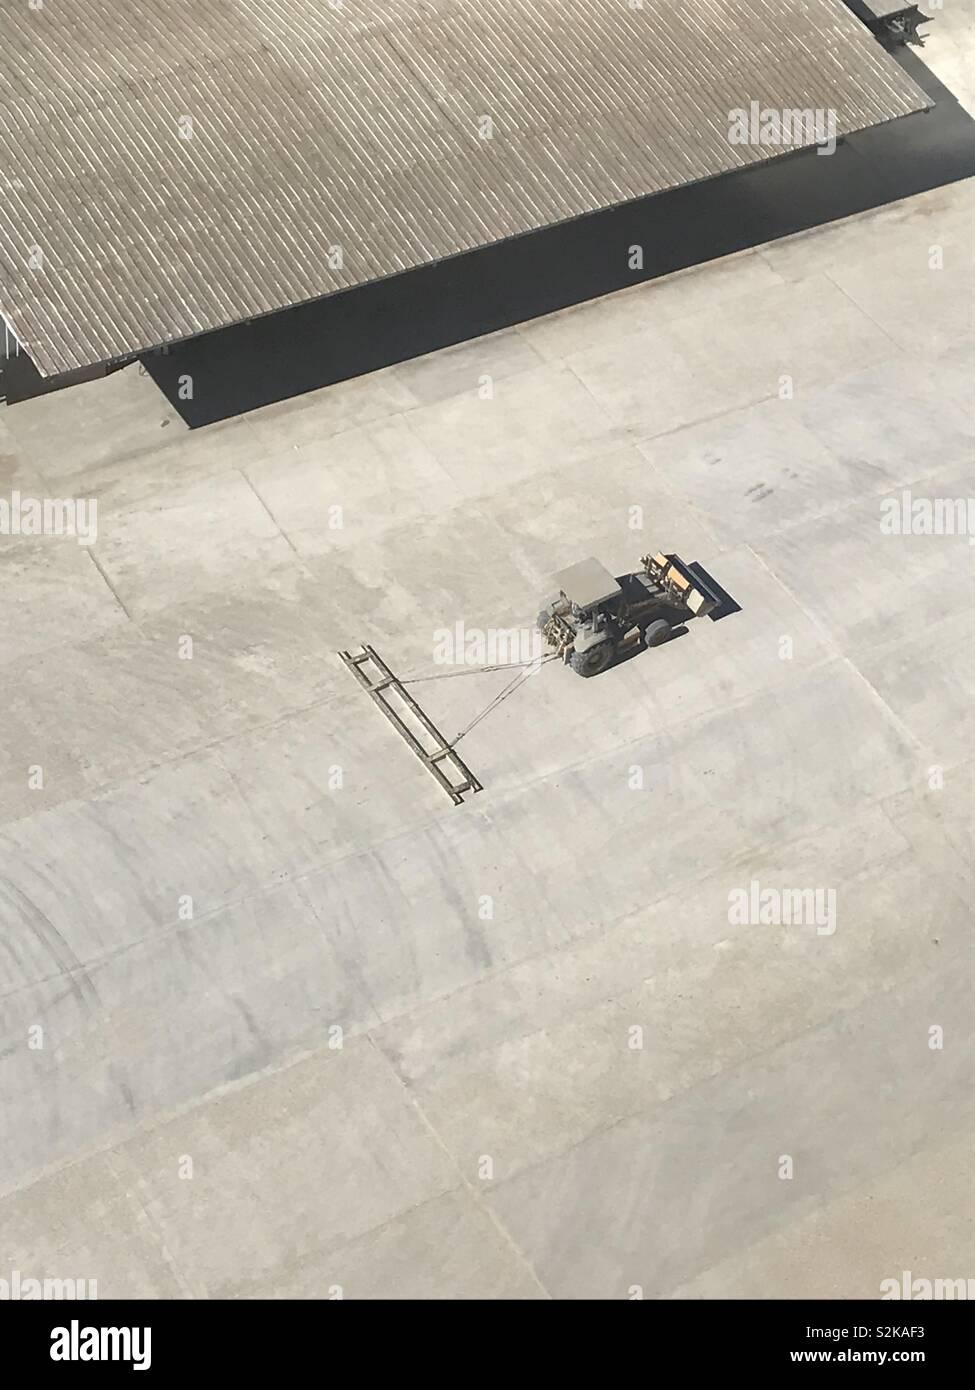 Le tracteur se déplace d'un site à l'autre faisant glisser une barre de lissage du béton. Photo Stock